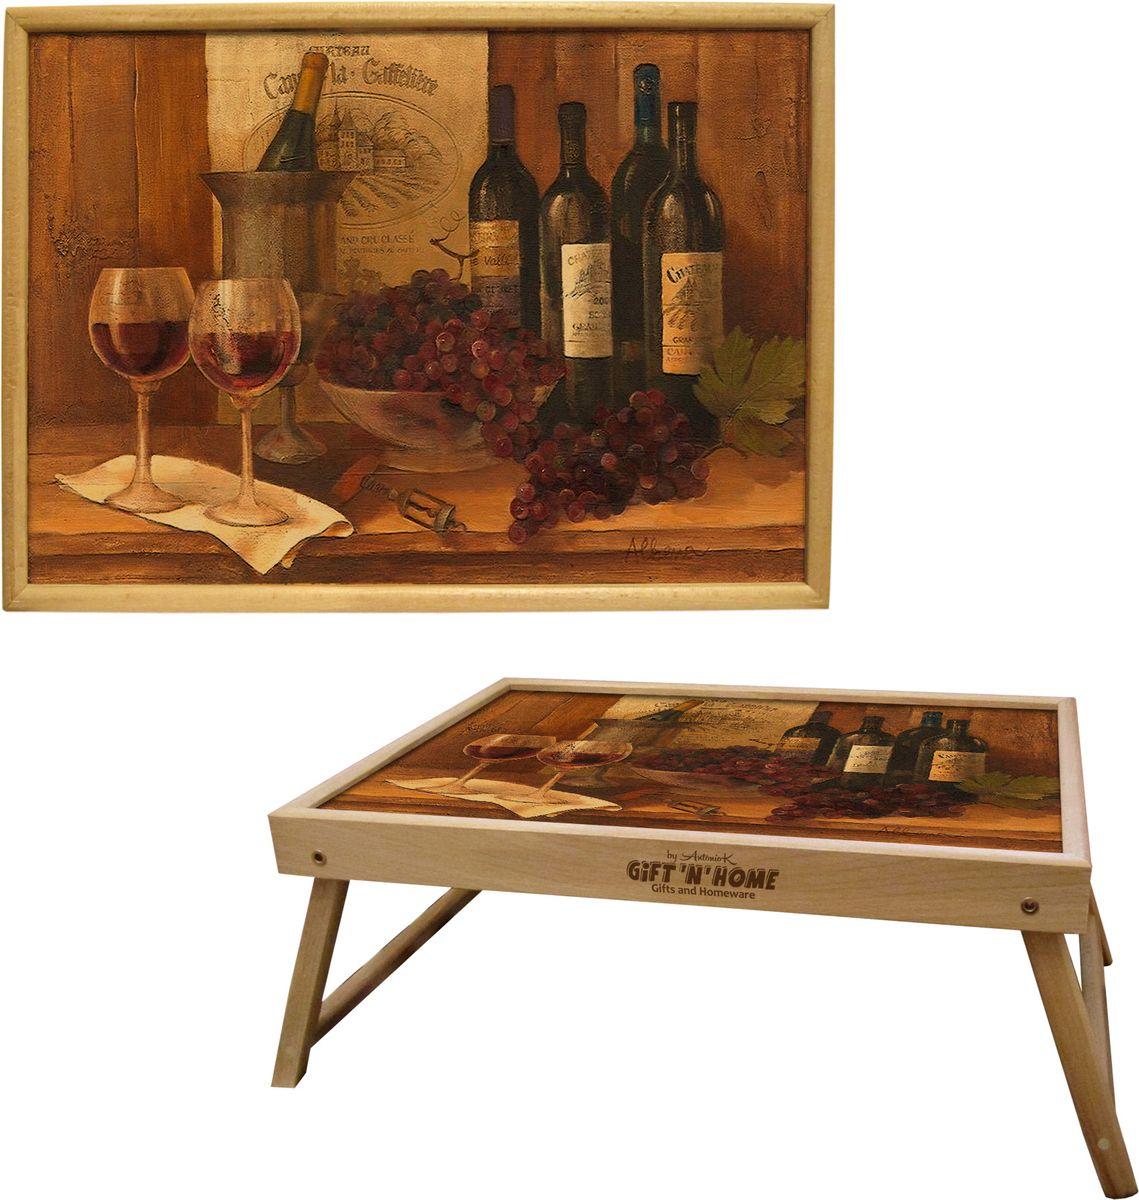 Столик с раскладными ножками GiftnHome Винтажные вина, 30,5 х 43,5 смTL-VinWines(b)Великолепное решение для подарка - поднос, с раскладными ножками - это истинный комплимент Вашим любимым и близким людям. Подать кофе, завтрак в постель или вынести на веранду гостям закуски, фрукты сервированные на стильном Подносе, с оригинальным принтом на поверхности. Помимо функциональной пользы, данные изделия несомненно внесут свой Арт-стиль и уютную атмосферу в домашнее пространство. Нанесенные на столешницу дизайнерские принты от Креативной Студии АнтониоК прекрасно дополнят интерьер Вашего дома, дачи, студии или городской кухни - это современные, актуальные изделия, выполненные с душой, и несущие в дом настроение. Сегодня в тренде - экологичные натуральные материалы. Наша серия ЭКО-ЛАЙФ представлена подносами, столиками, ключницами, разделочными досками и дизайнерскими вешалками для кухни - все изделия изготовлены из благородных пород дерева: бука и дуба, - они прекрасно переносят длительную эксплуатацию и долго сохраняют свой шарм древесной структуры и природные качества.